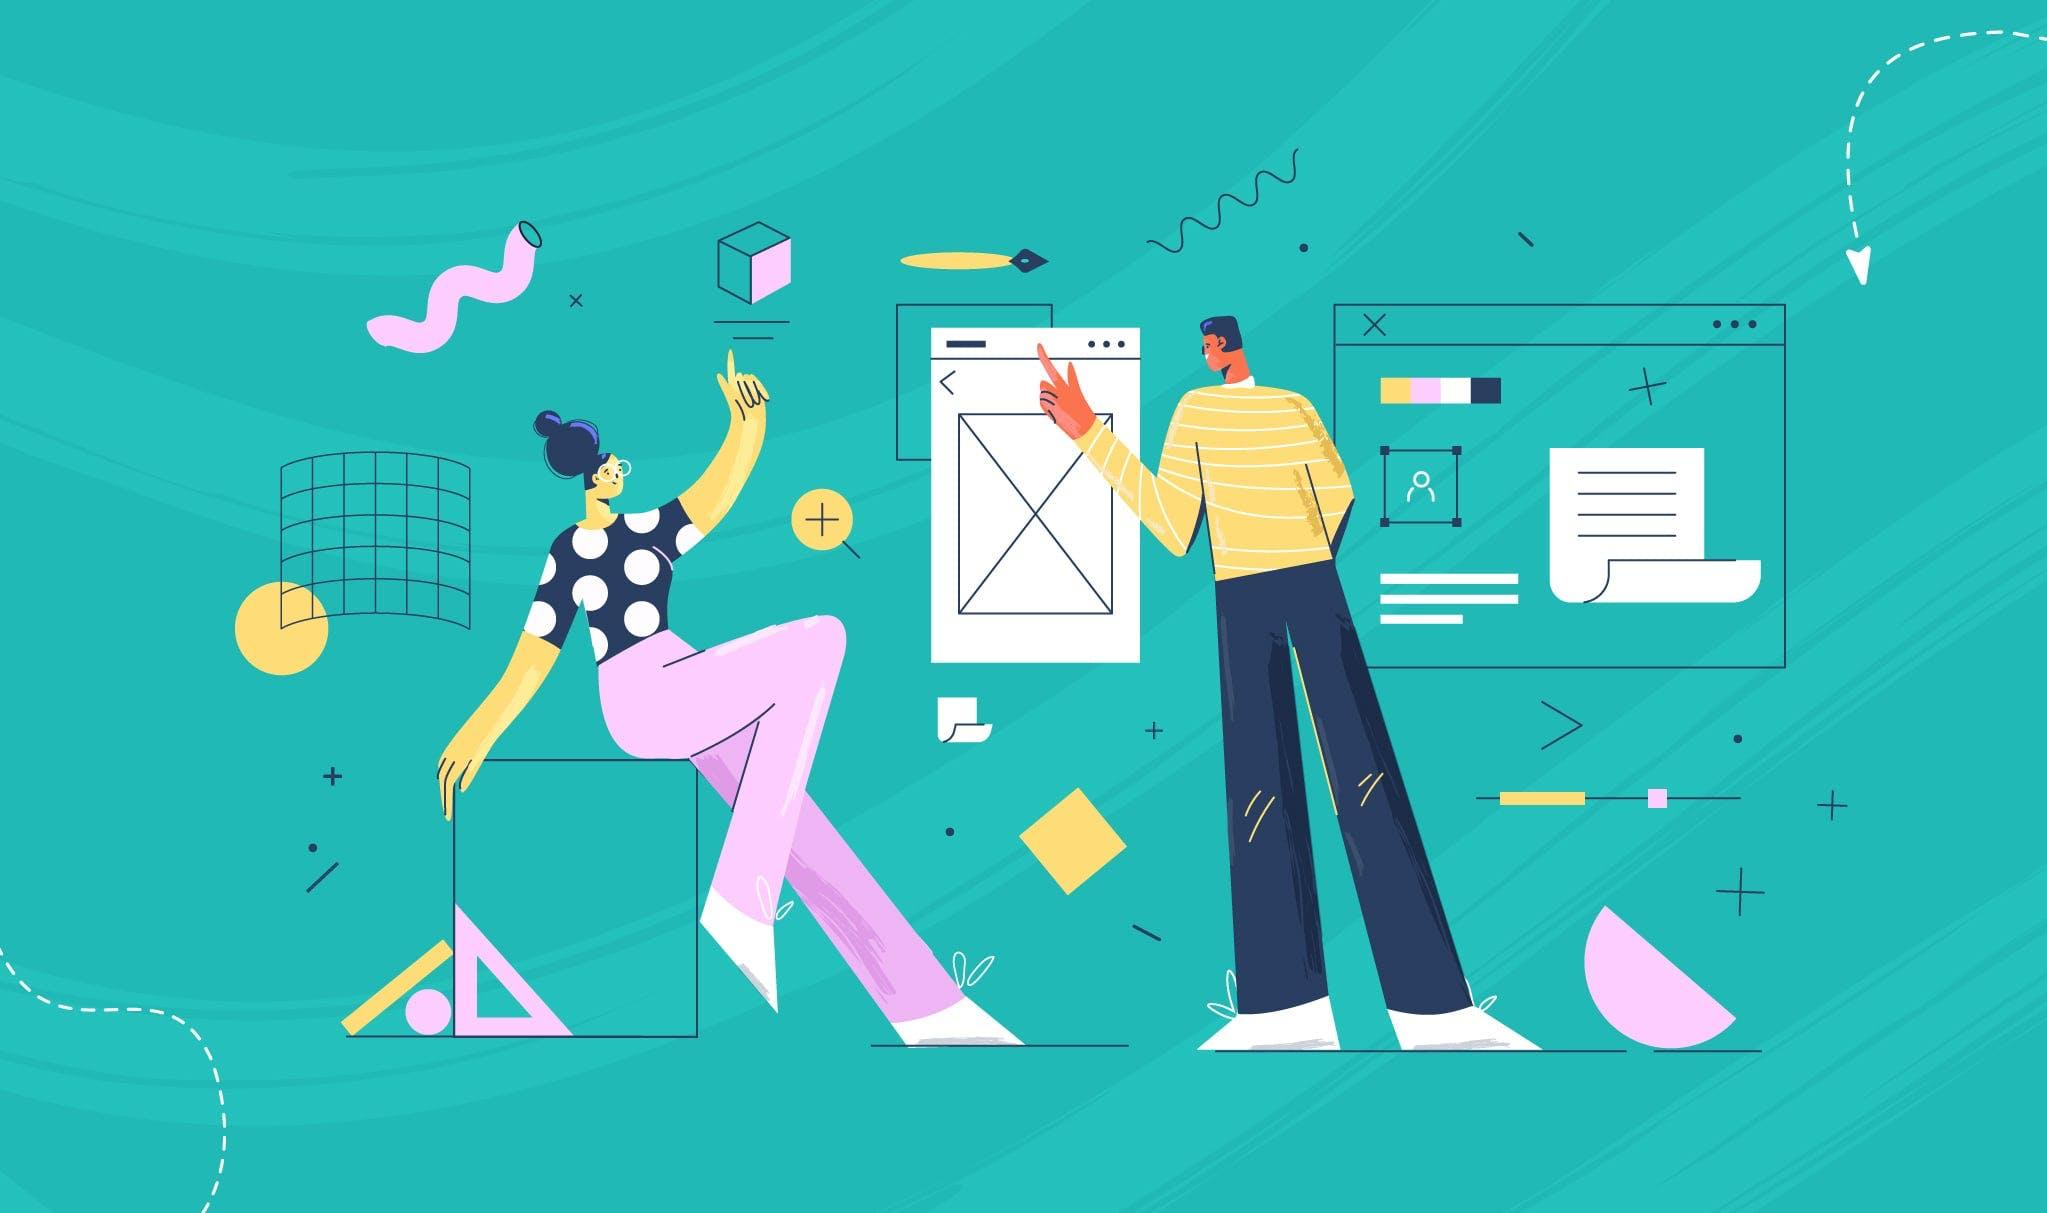 Wähle aus über 150.000 Designs, Illustrationen und Grafikressourcen zum Herunterladen und verwende sie für dein nächstes Projekt.